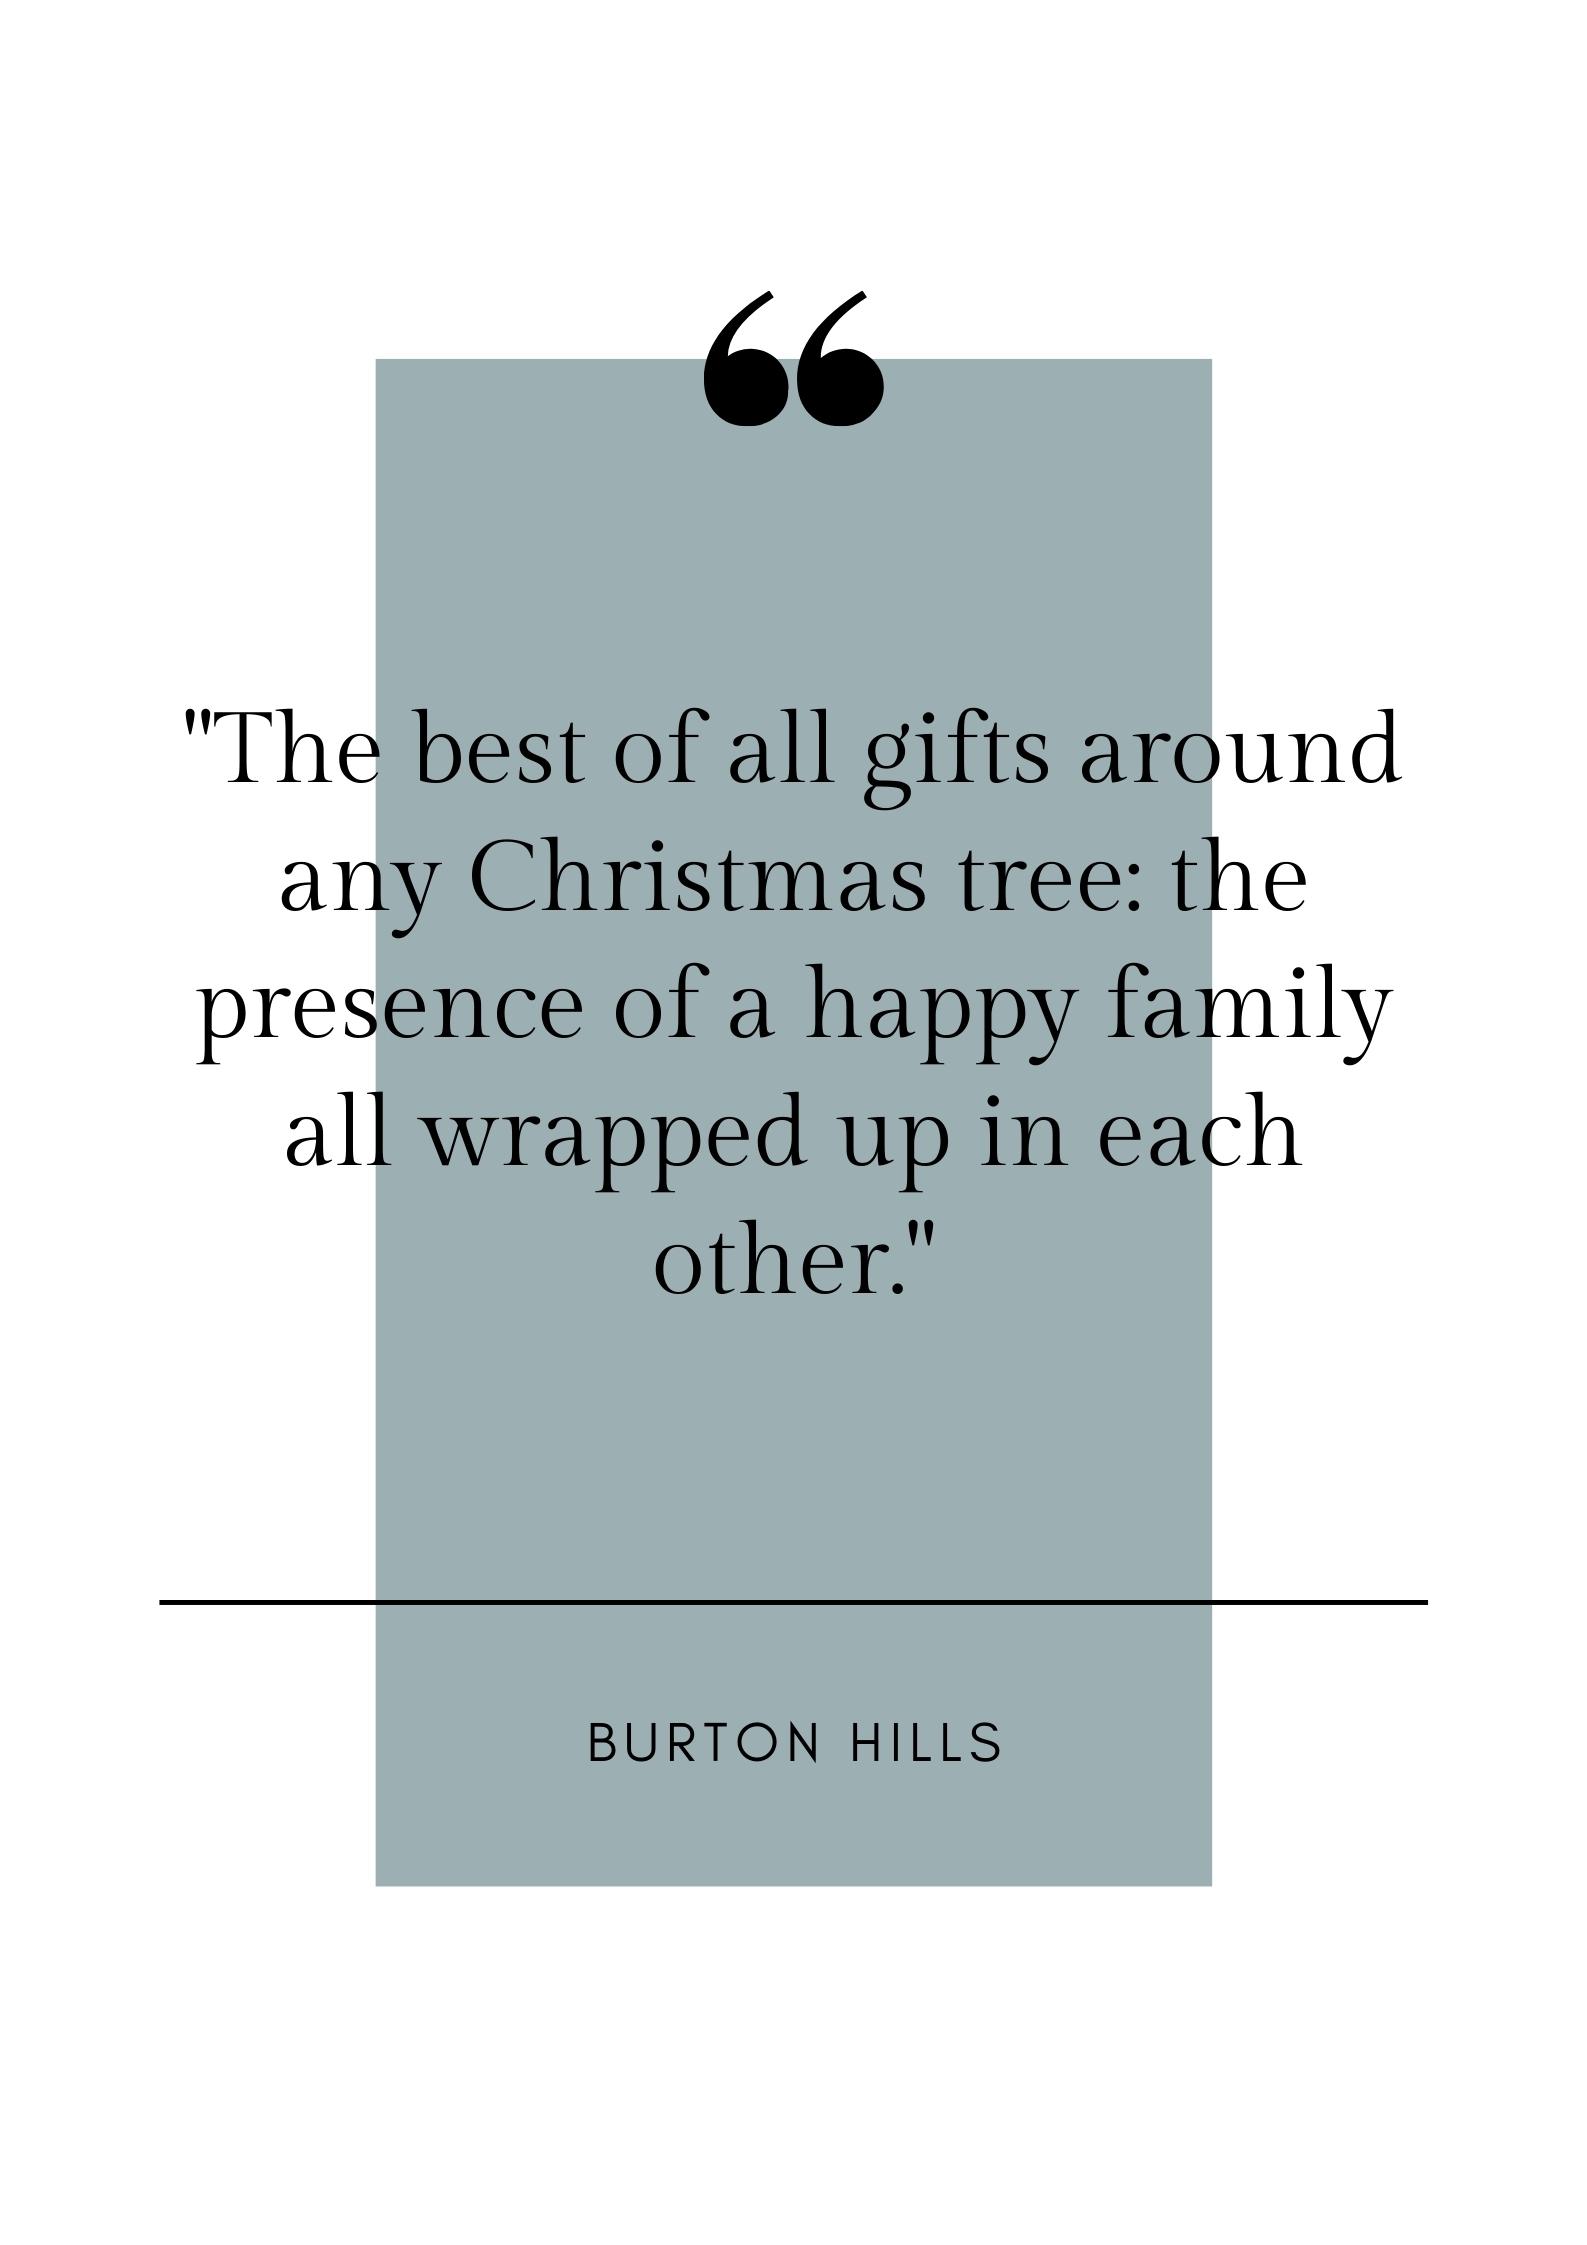 burton hills quote